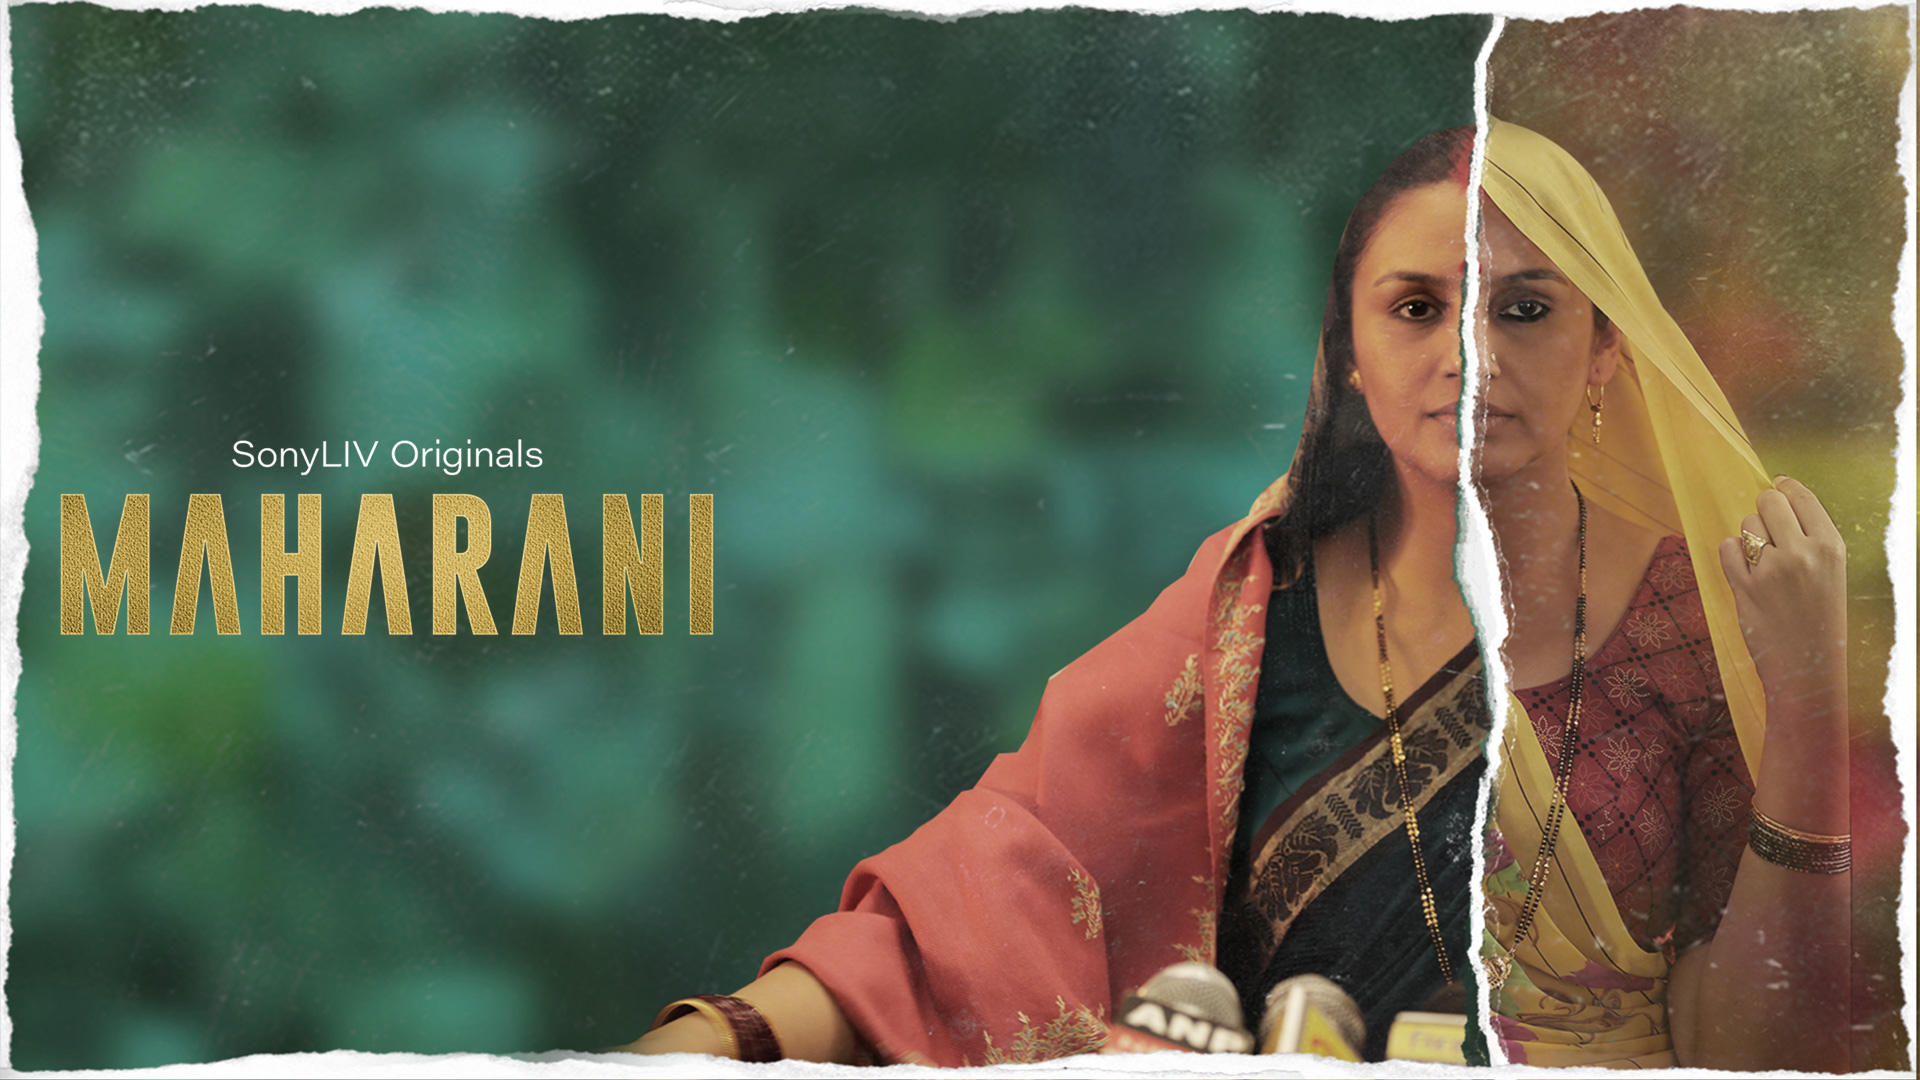 Maharani Web Series - Watch All Episodes Online - SonyLIV Originals